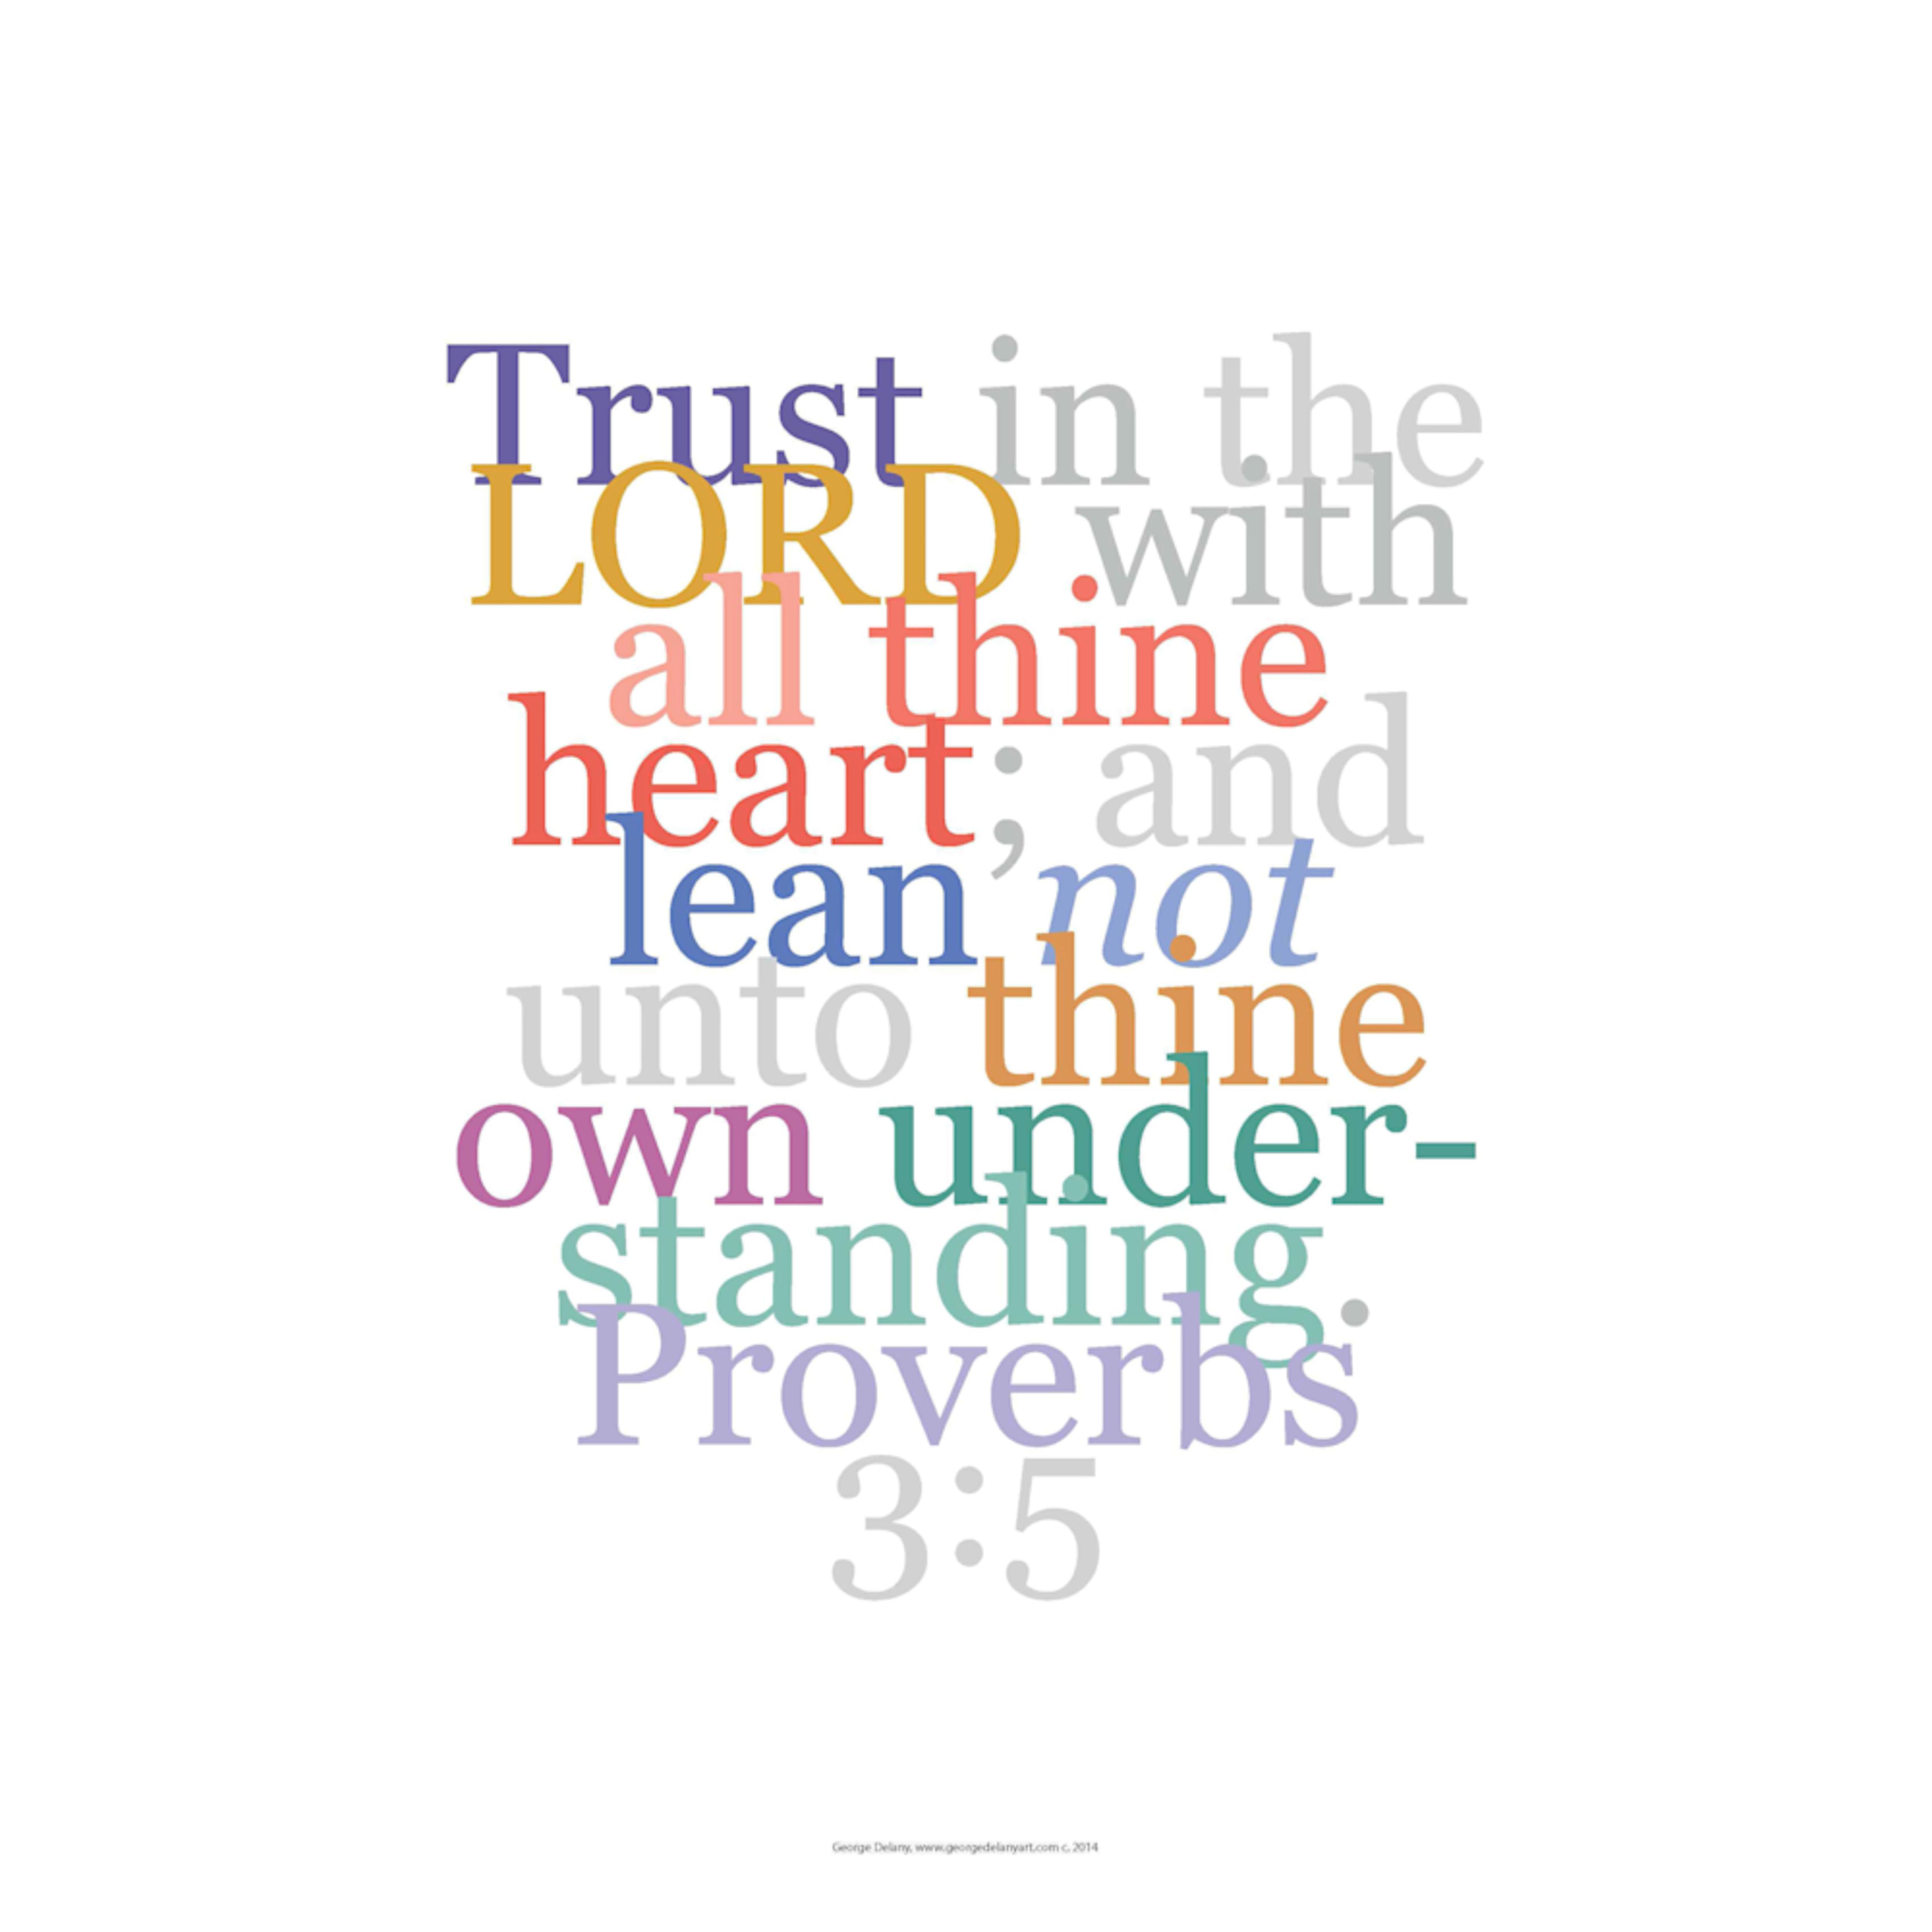 15.f.proverbs3 5 dkguwf